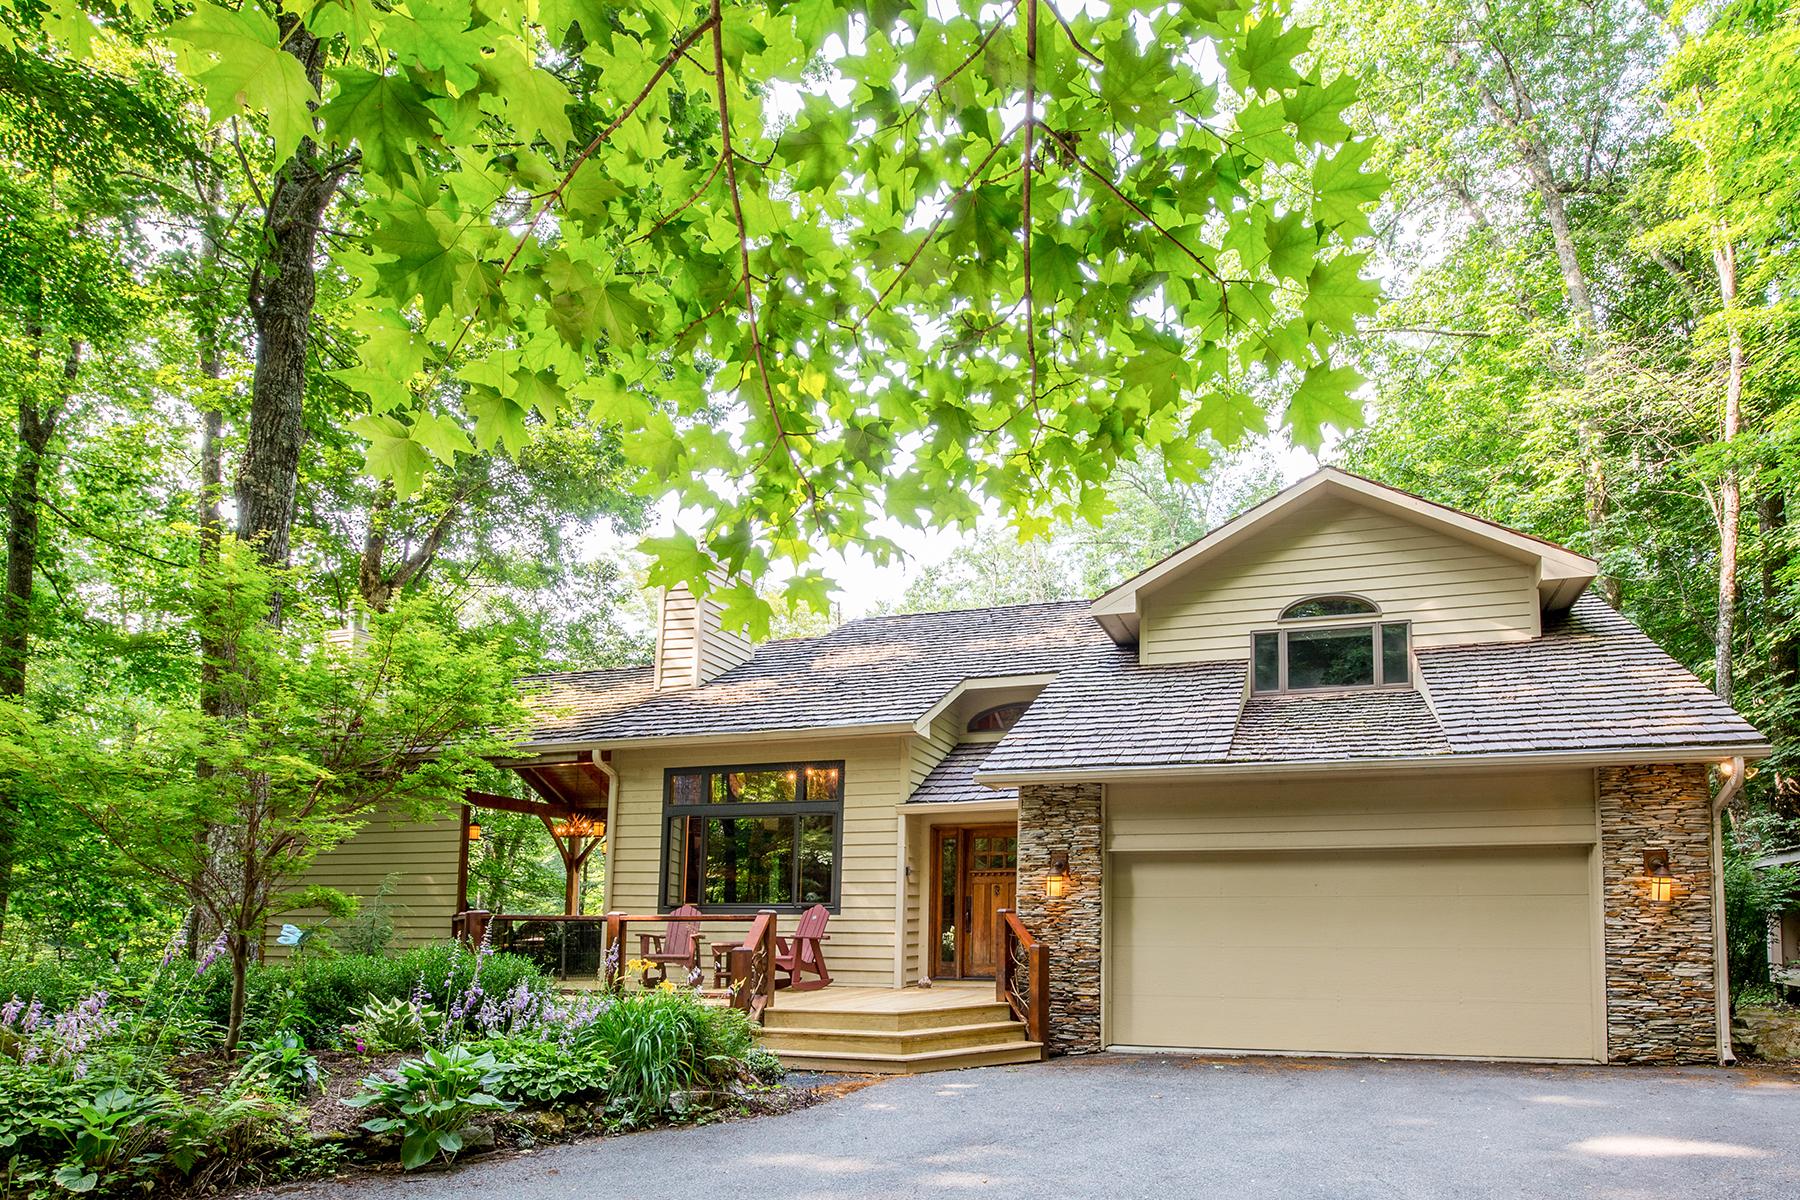 단독 가정 주택 용 매매 에 LINVILLE RIDGE 108 Rock Ledge Lane 1 Linville, 노스캐놀라이나 28646 미국